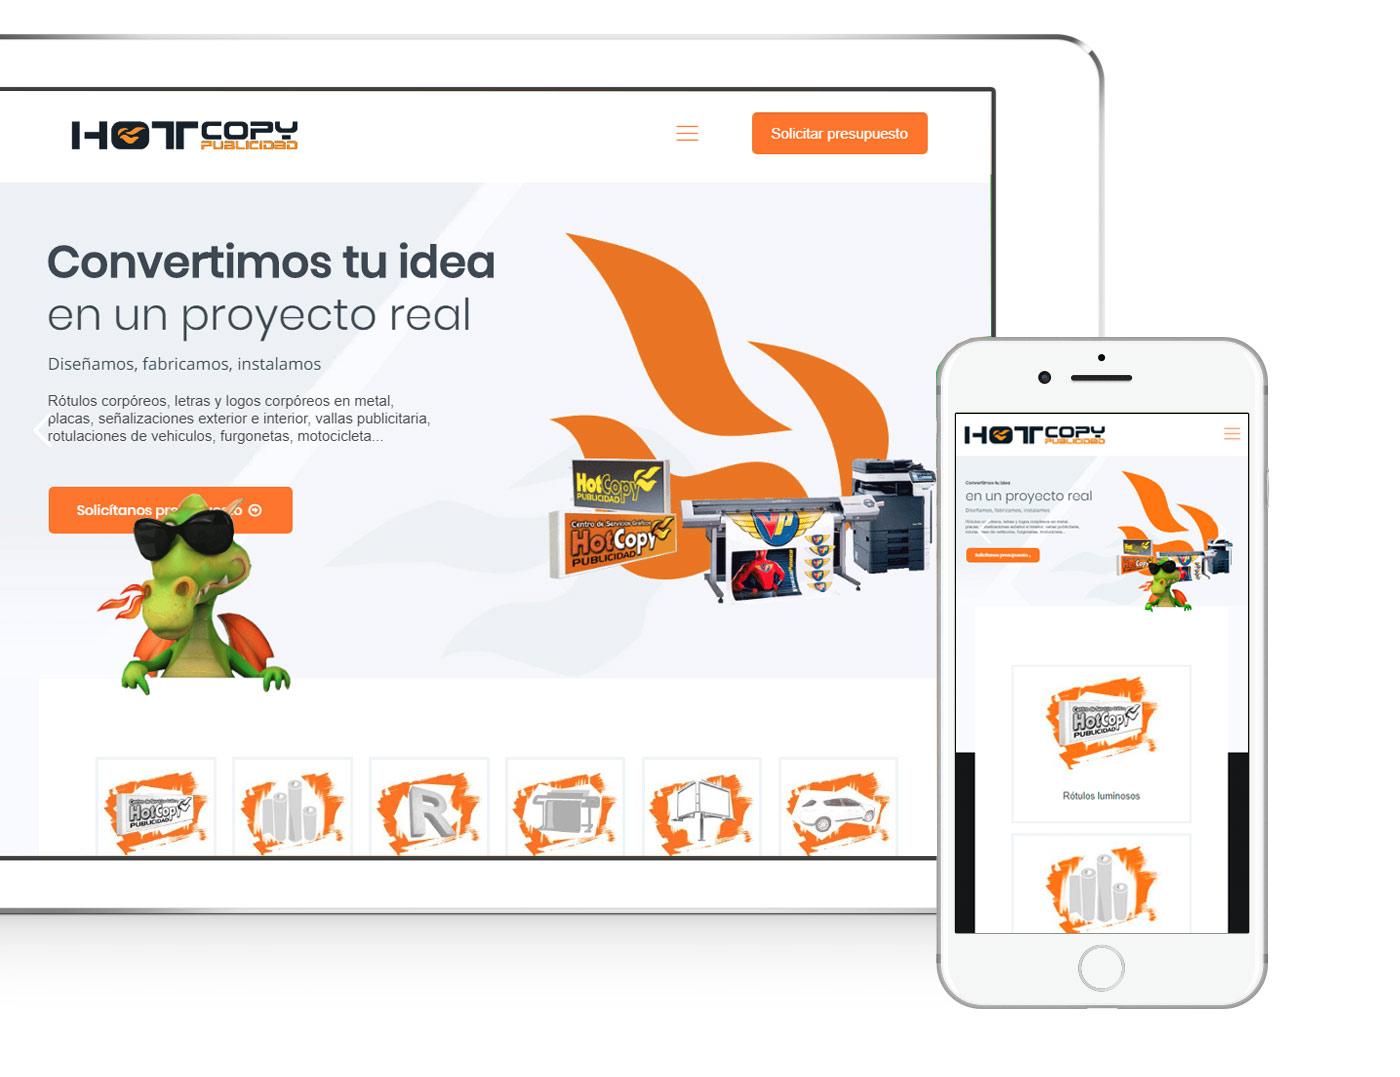 Diseño web hotcopy publicidad rotulacion malaga mijas